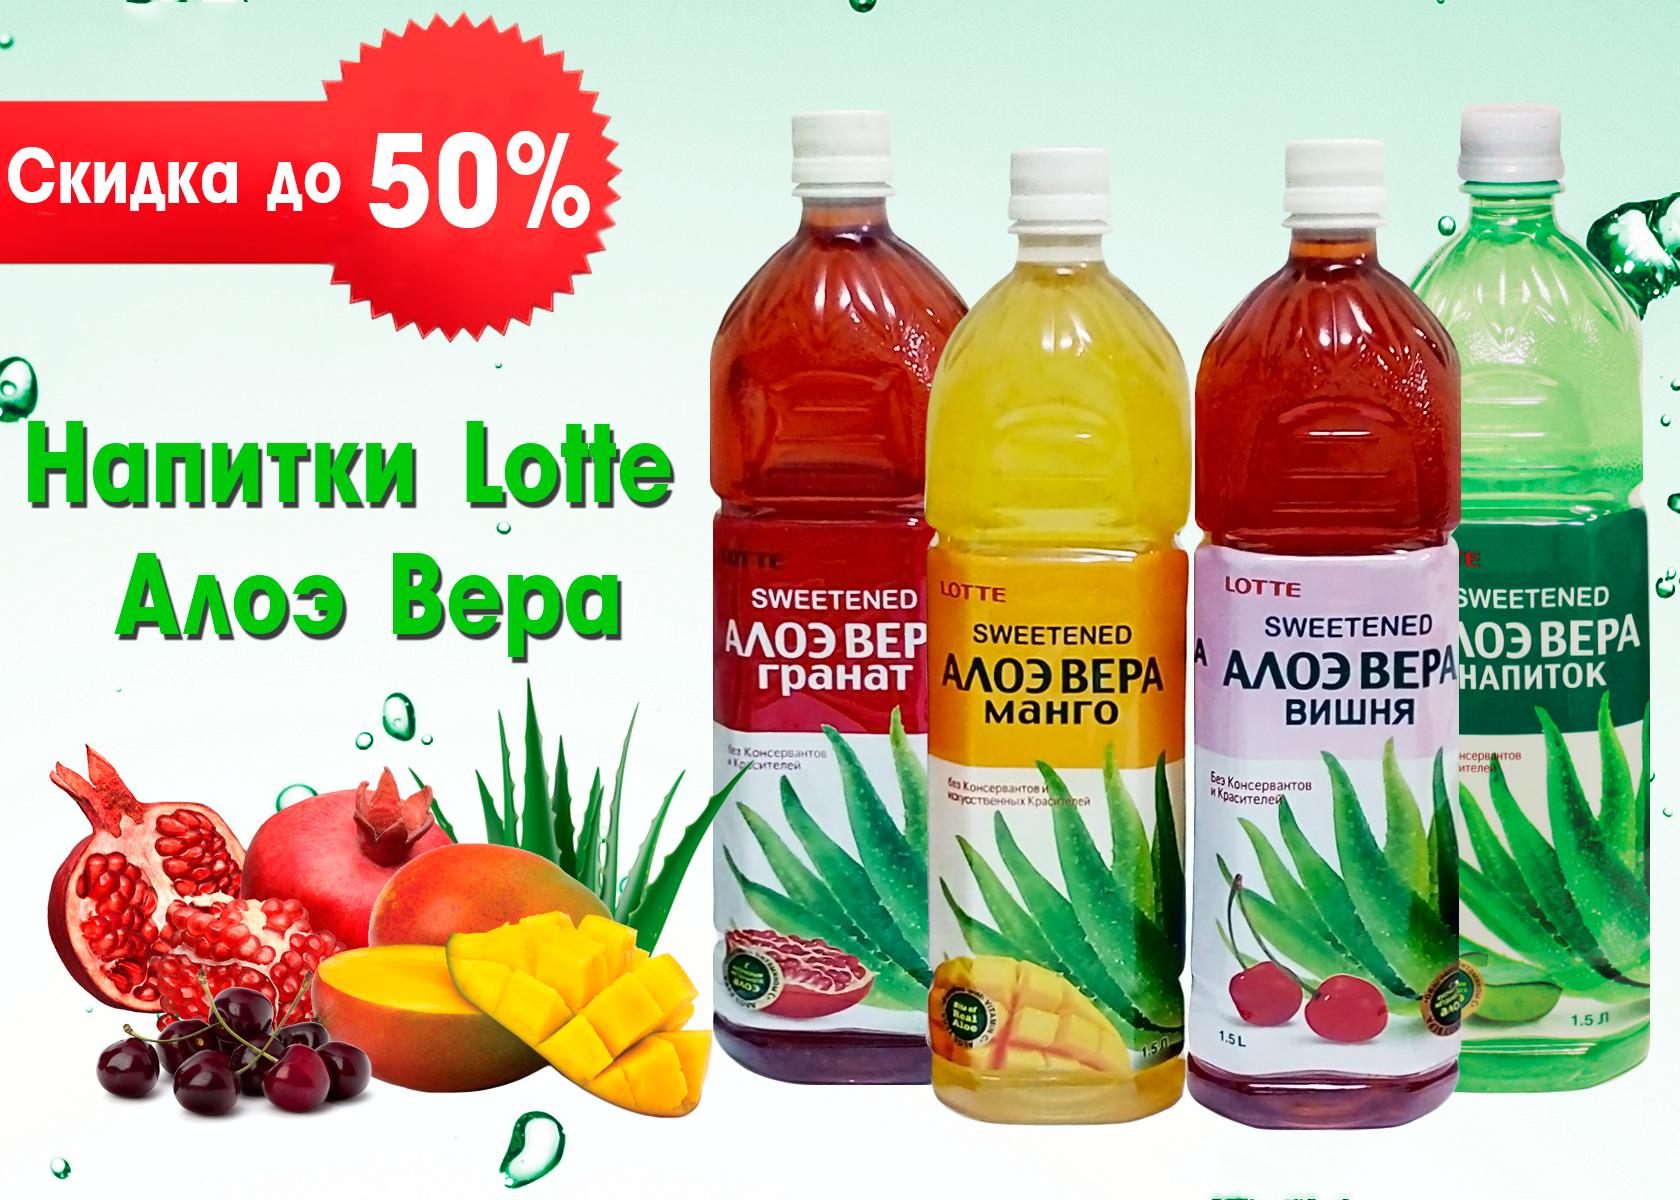 Акция! Напитки Lotte Алоэ Вера со скидкой до 50%